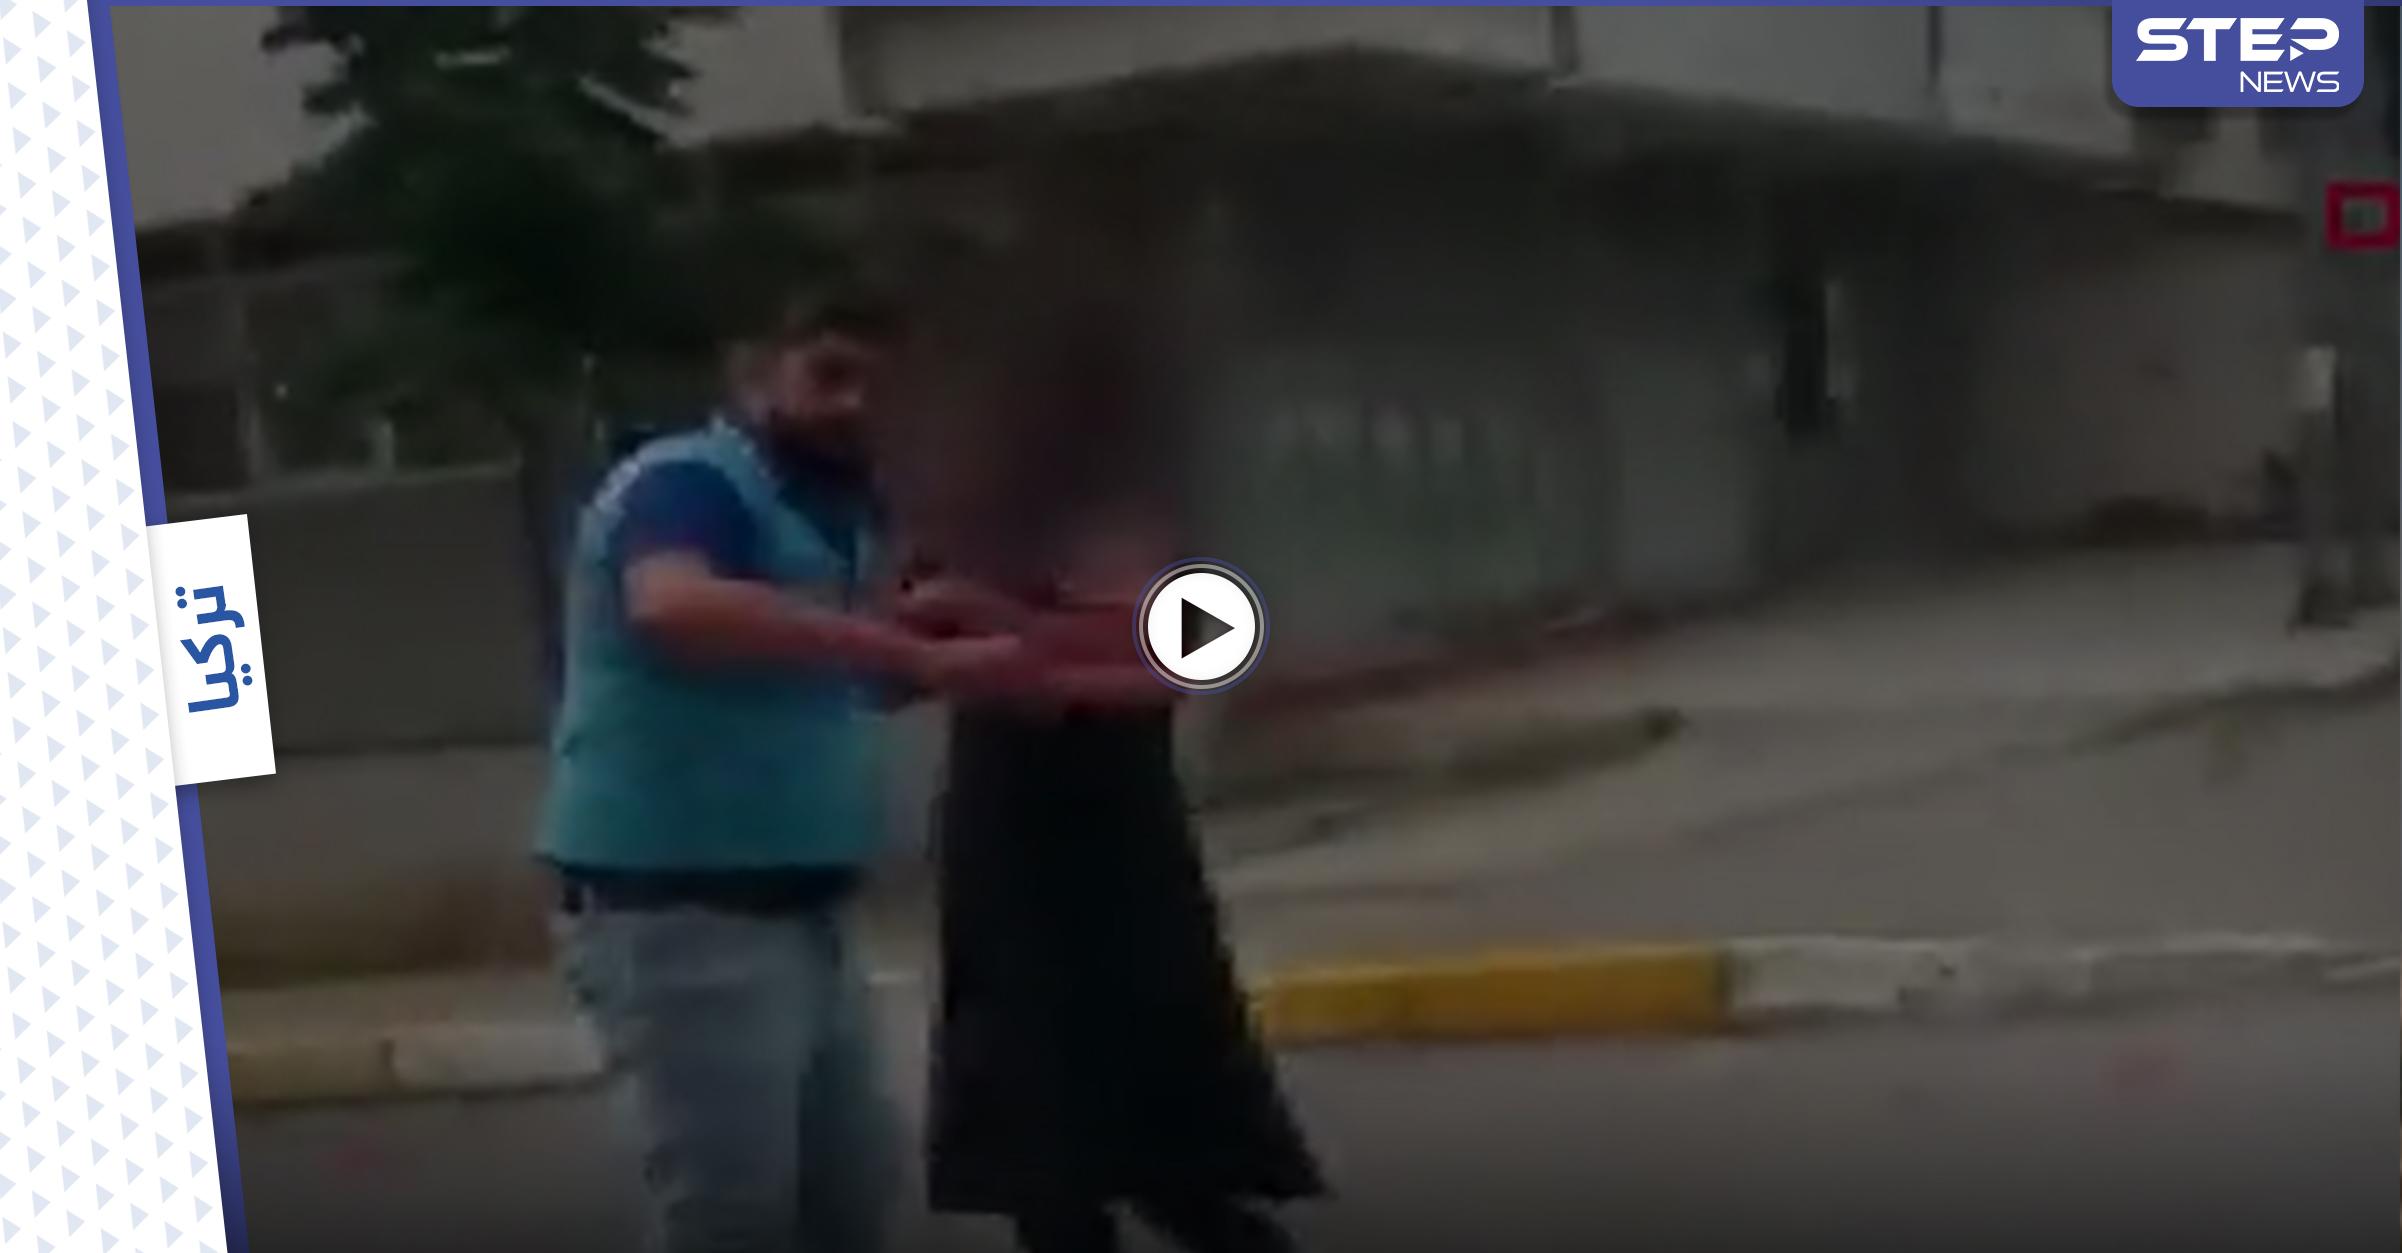 بالفيديو|| امرأة تدخل شاب إلى منزلها مرتدياً زياً نسائياً في إسطنبول ليتفاجئ الأخير بوجود زوجها